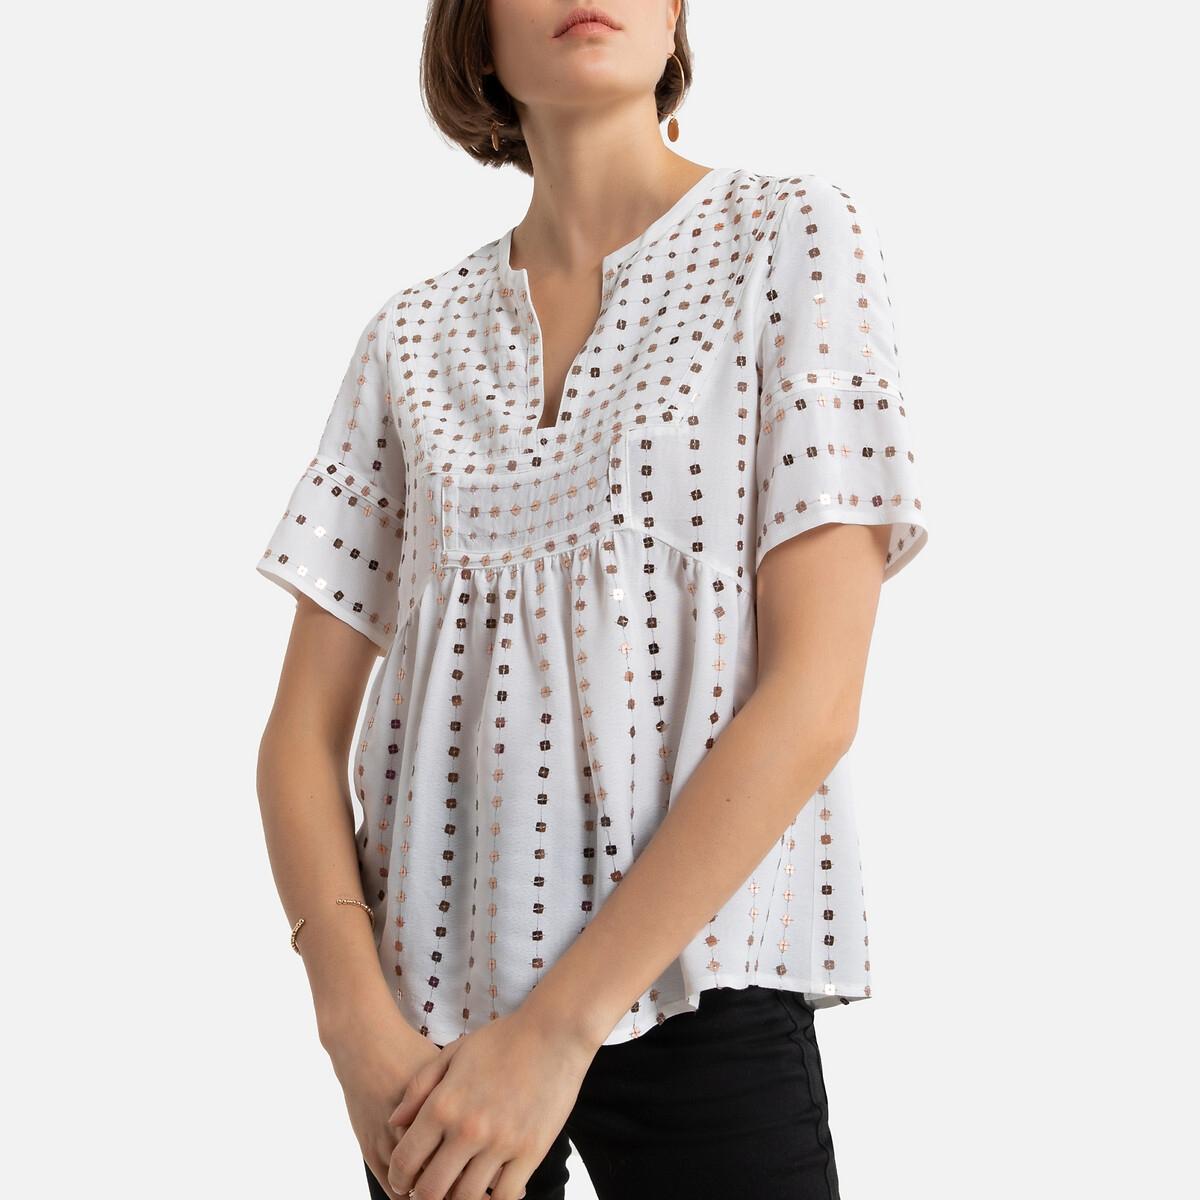 Фото - Блузка LaRedoute С V-образным вырезом и короткими рукавами 2(M) белый футболка laredoute из льна с v образным вырезом и короткими рукавами s черный